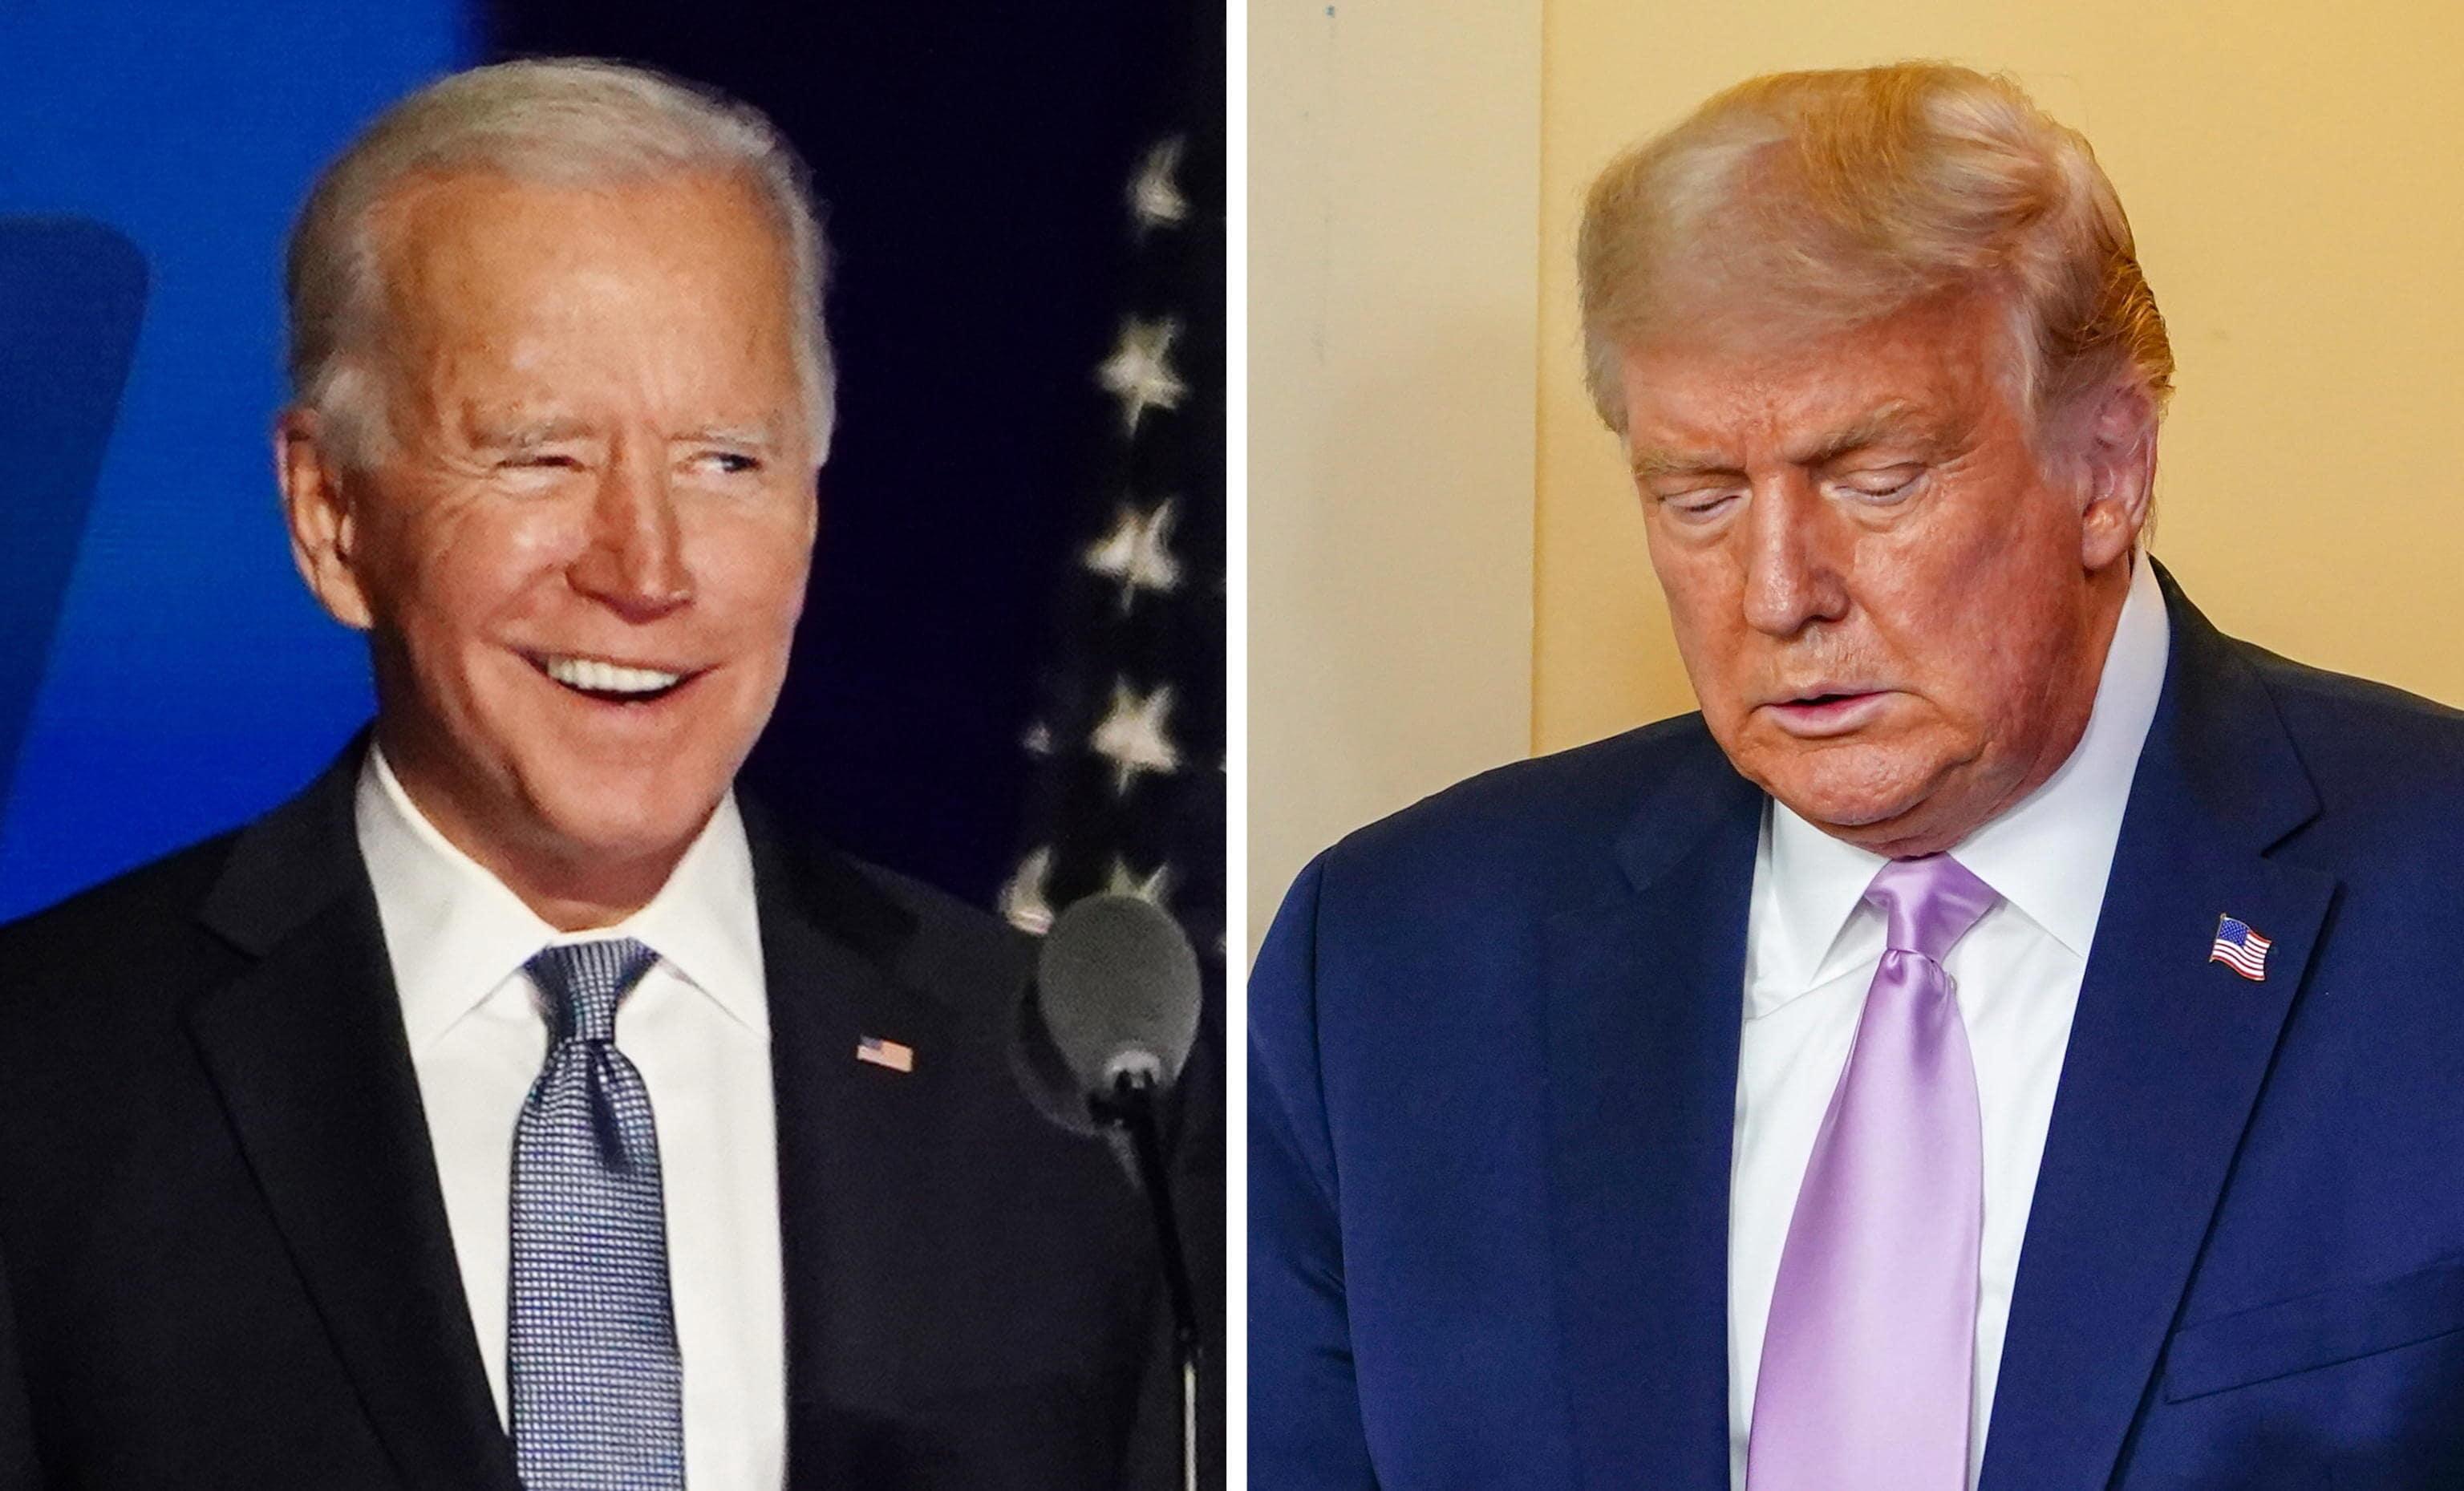 Usa, Biden dopo le minacce: 'Non ho paura di giurare all'aperto'